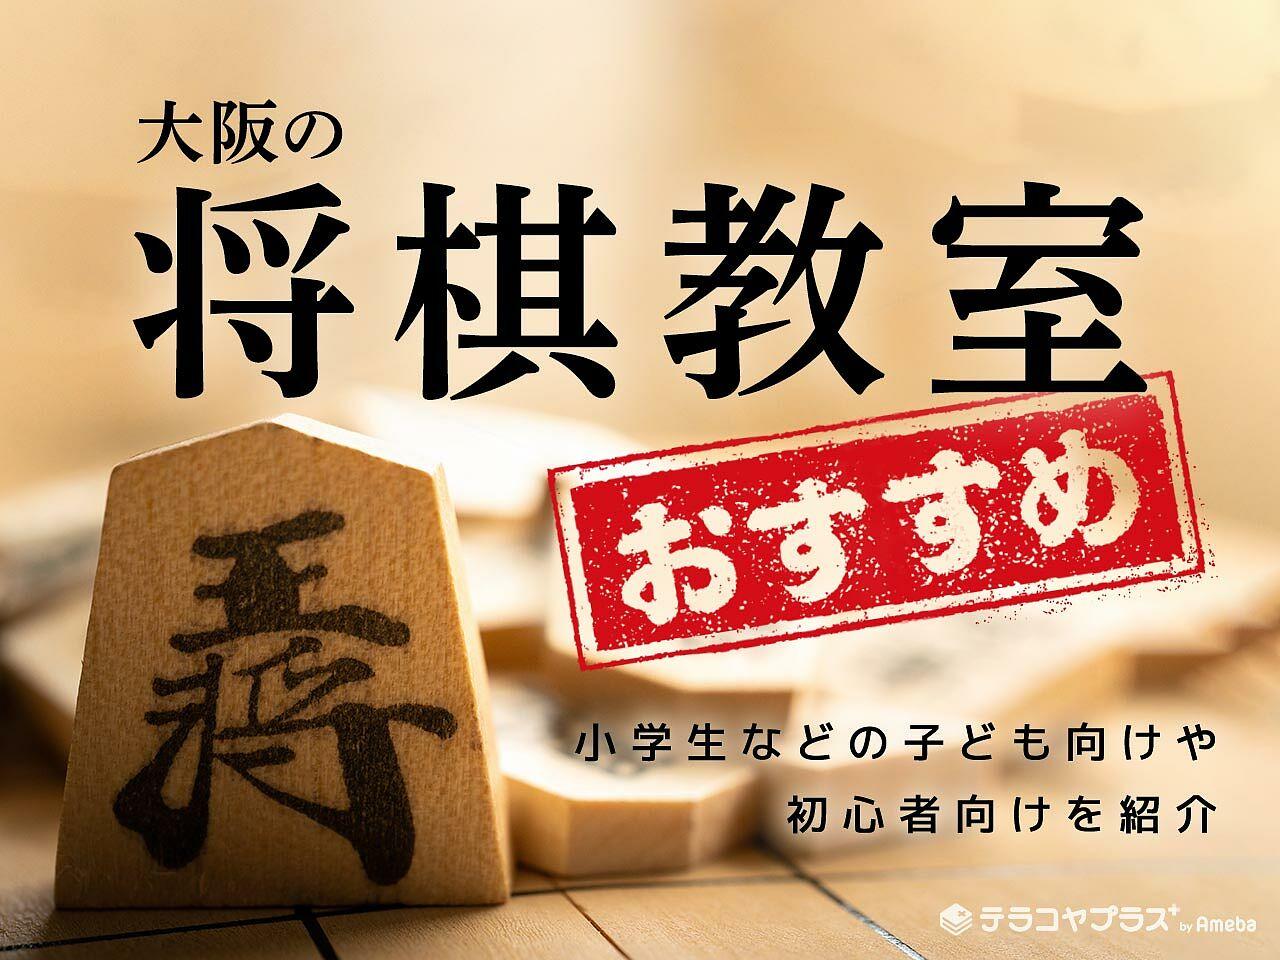 大阪の将棋教室おすすめ20選【2021年】小学生などの子ども向けや初心者向けを紹介の画像